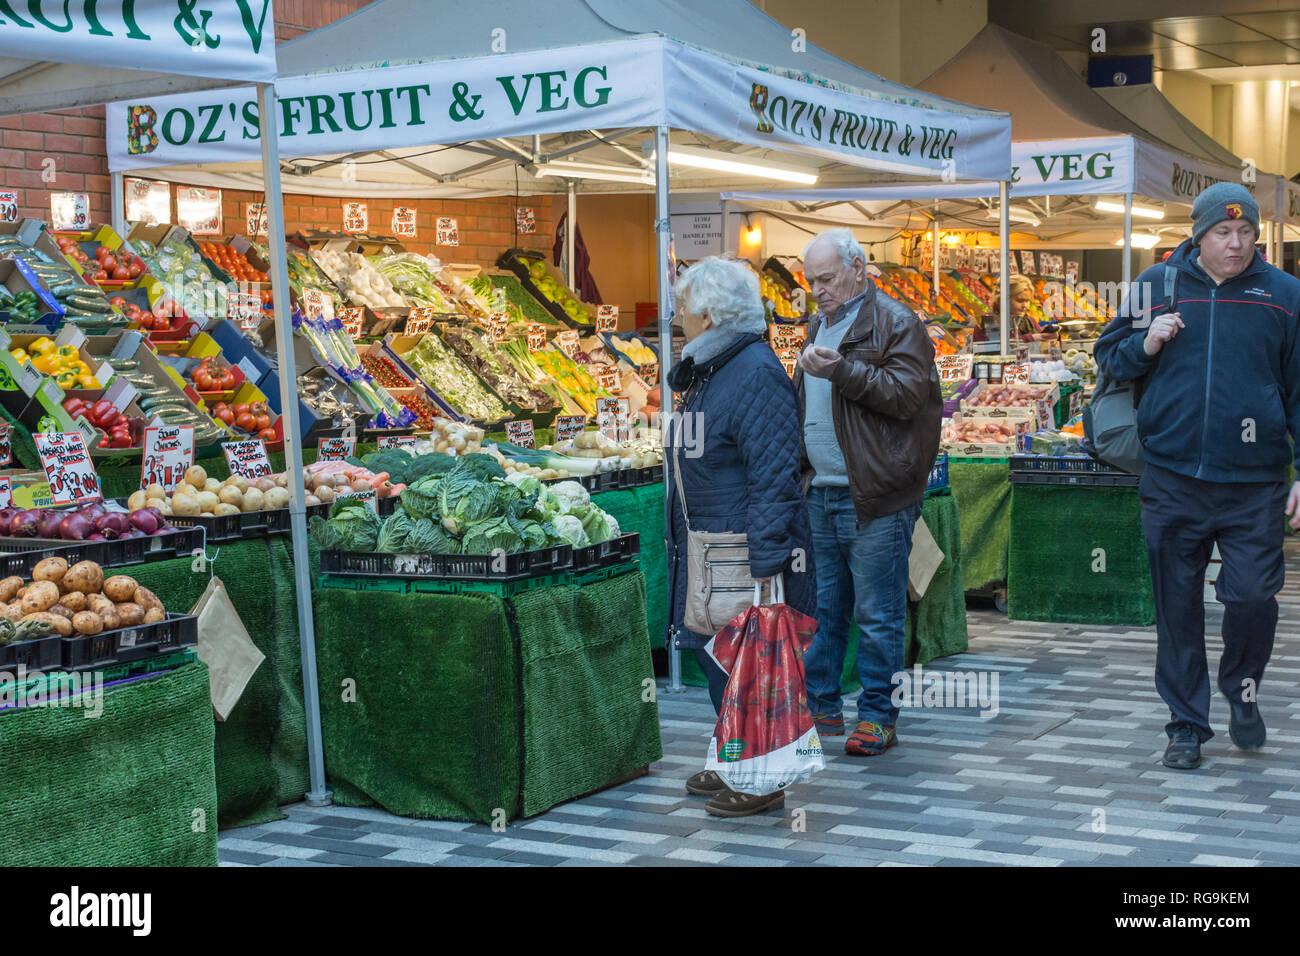 Mercato di frutta e verdura in stallo Market Walk in Woking Town Center, Surrey, Regno Unito, con la gente a fare shopping. La vita di tutti i giorni. Immagini Stock